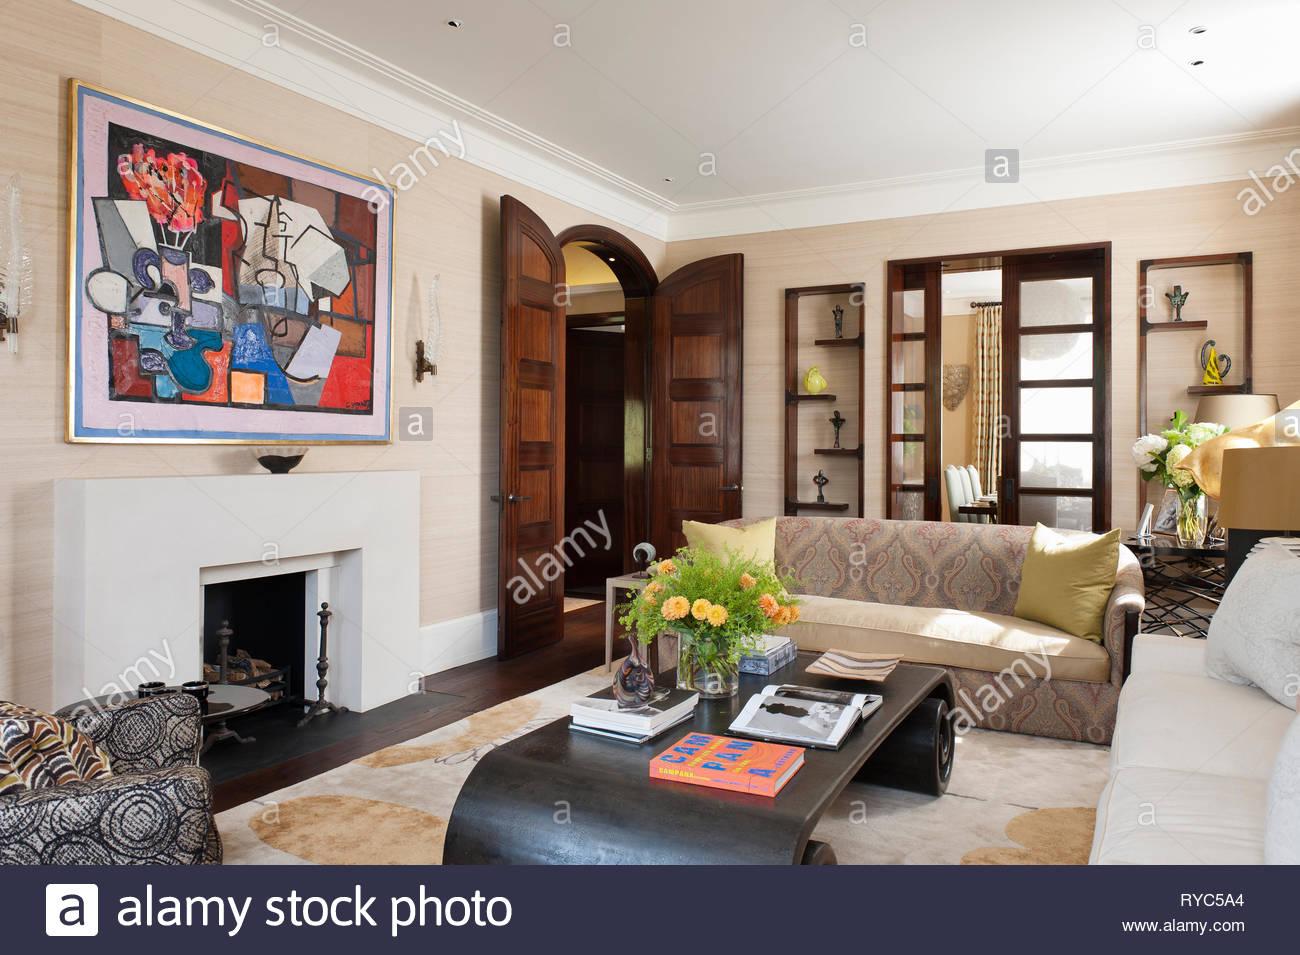 Moderne Malerei im Landhausstil Wohnzimmer Stockfoto, Bild ...